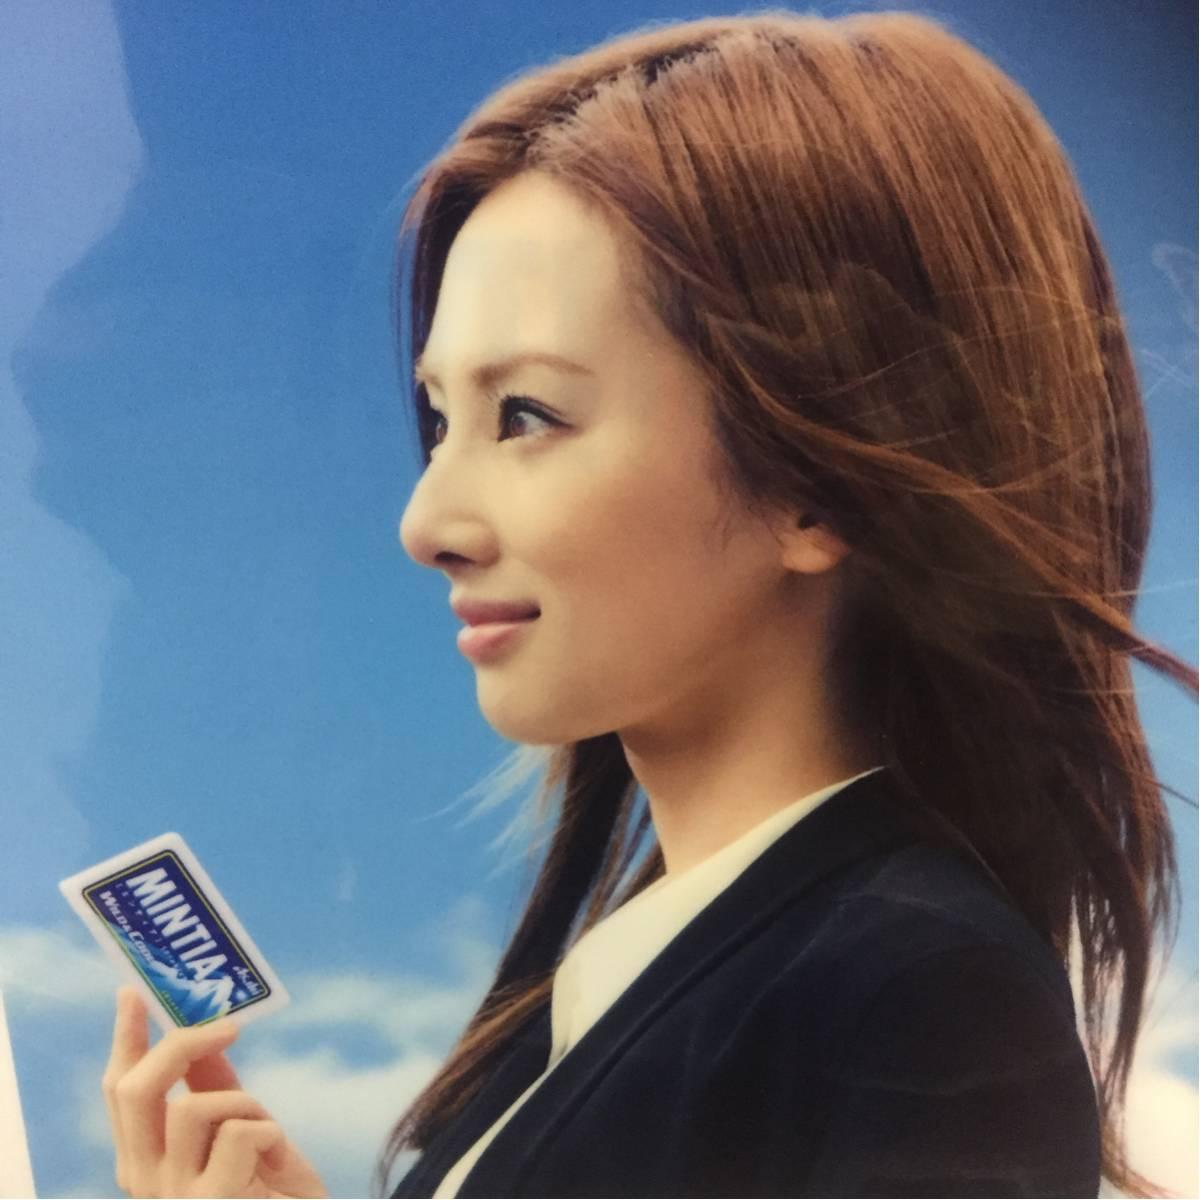 未使用★非売品 レア! 北川景子 クリアファイル ミンティア当選品★ グッズの画像